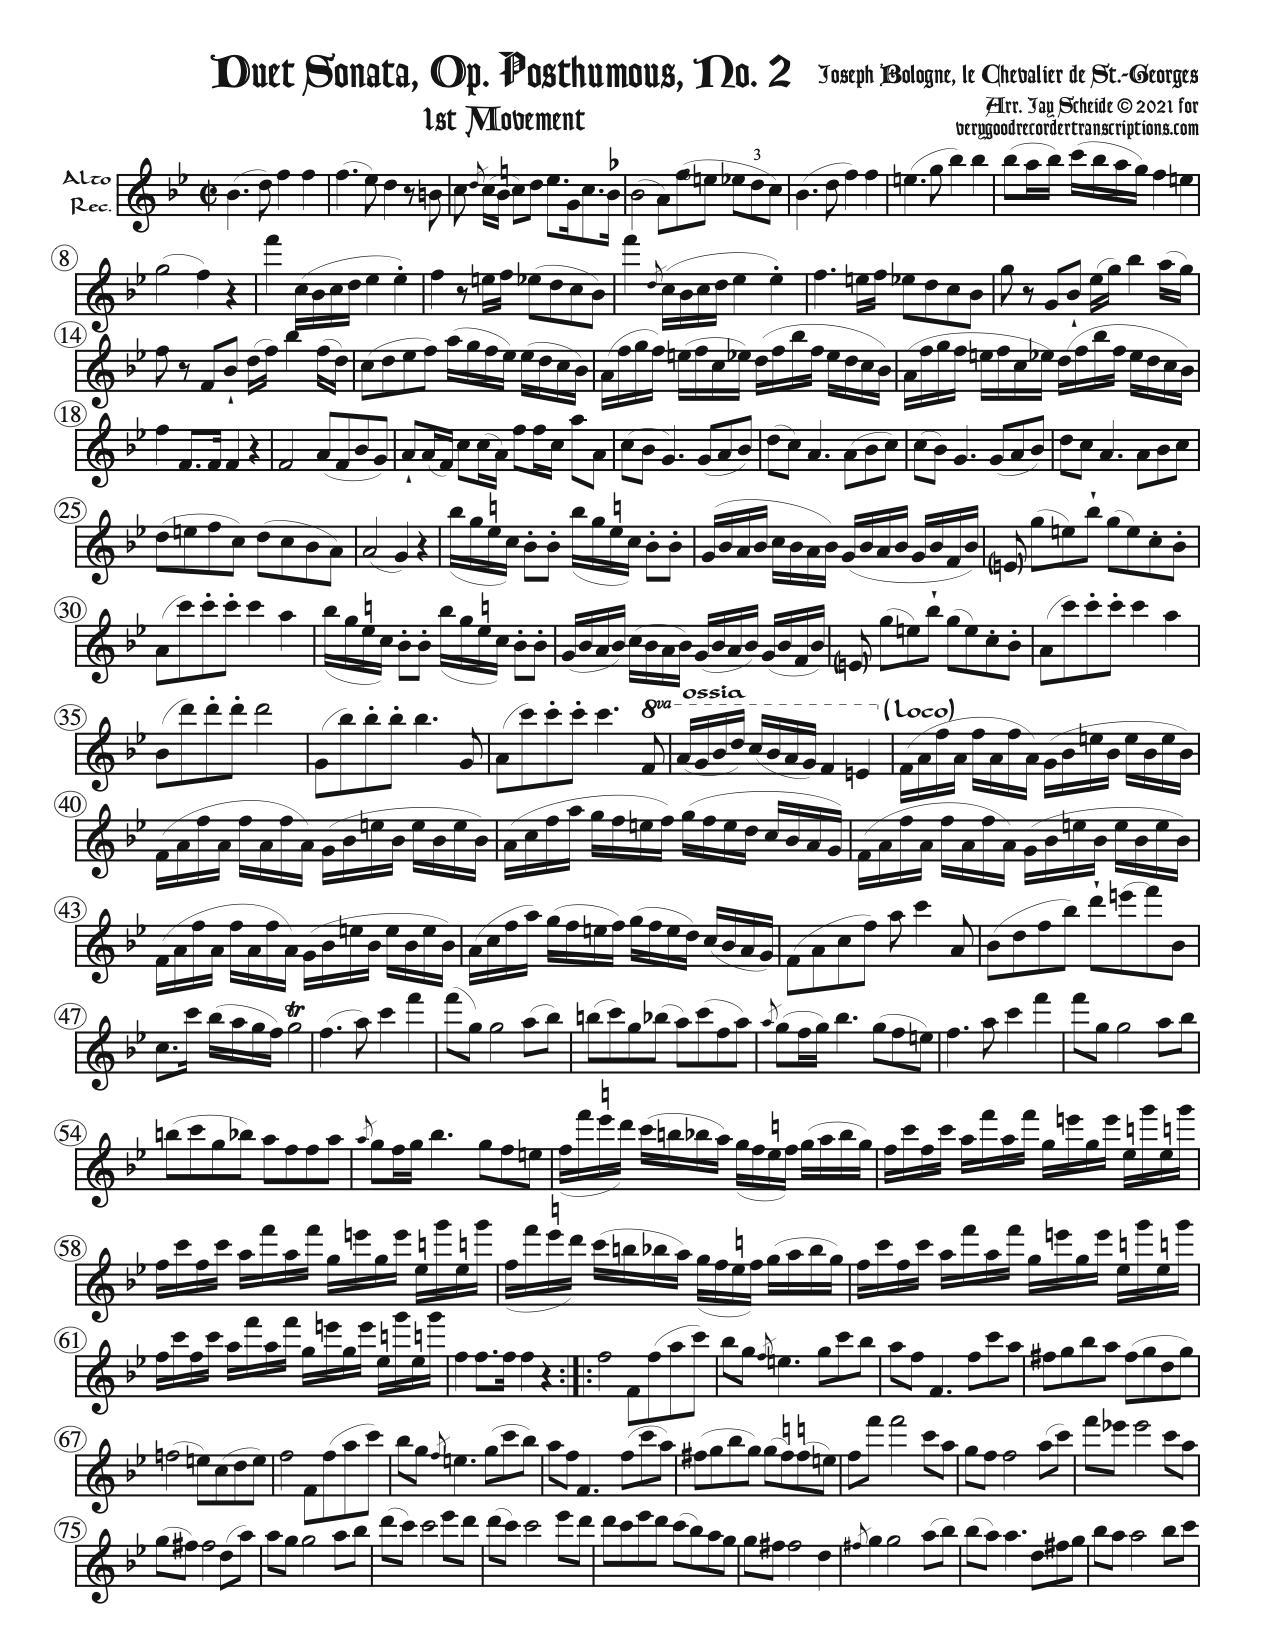 Duet, Op. Posthumous No. 2